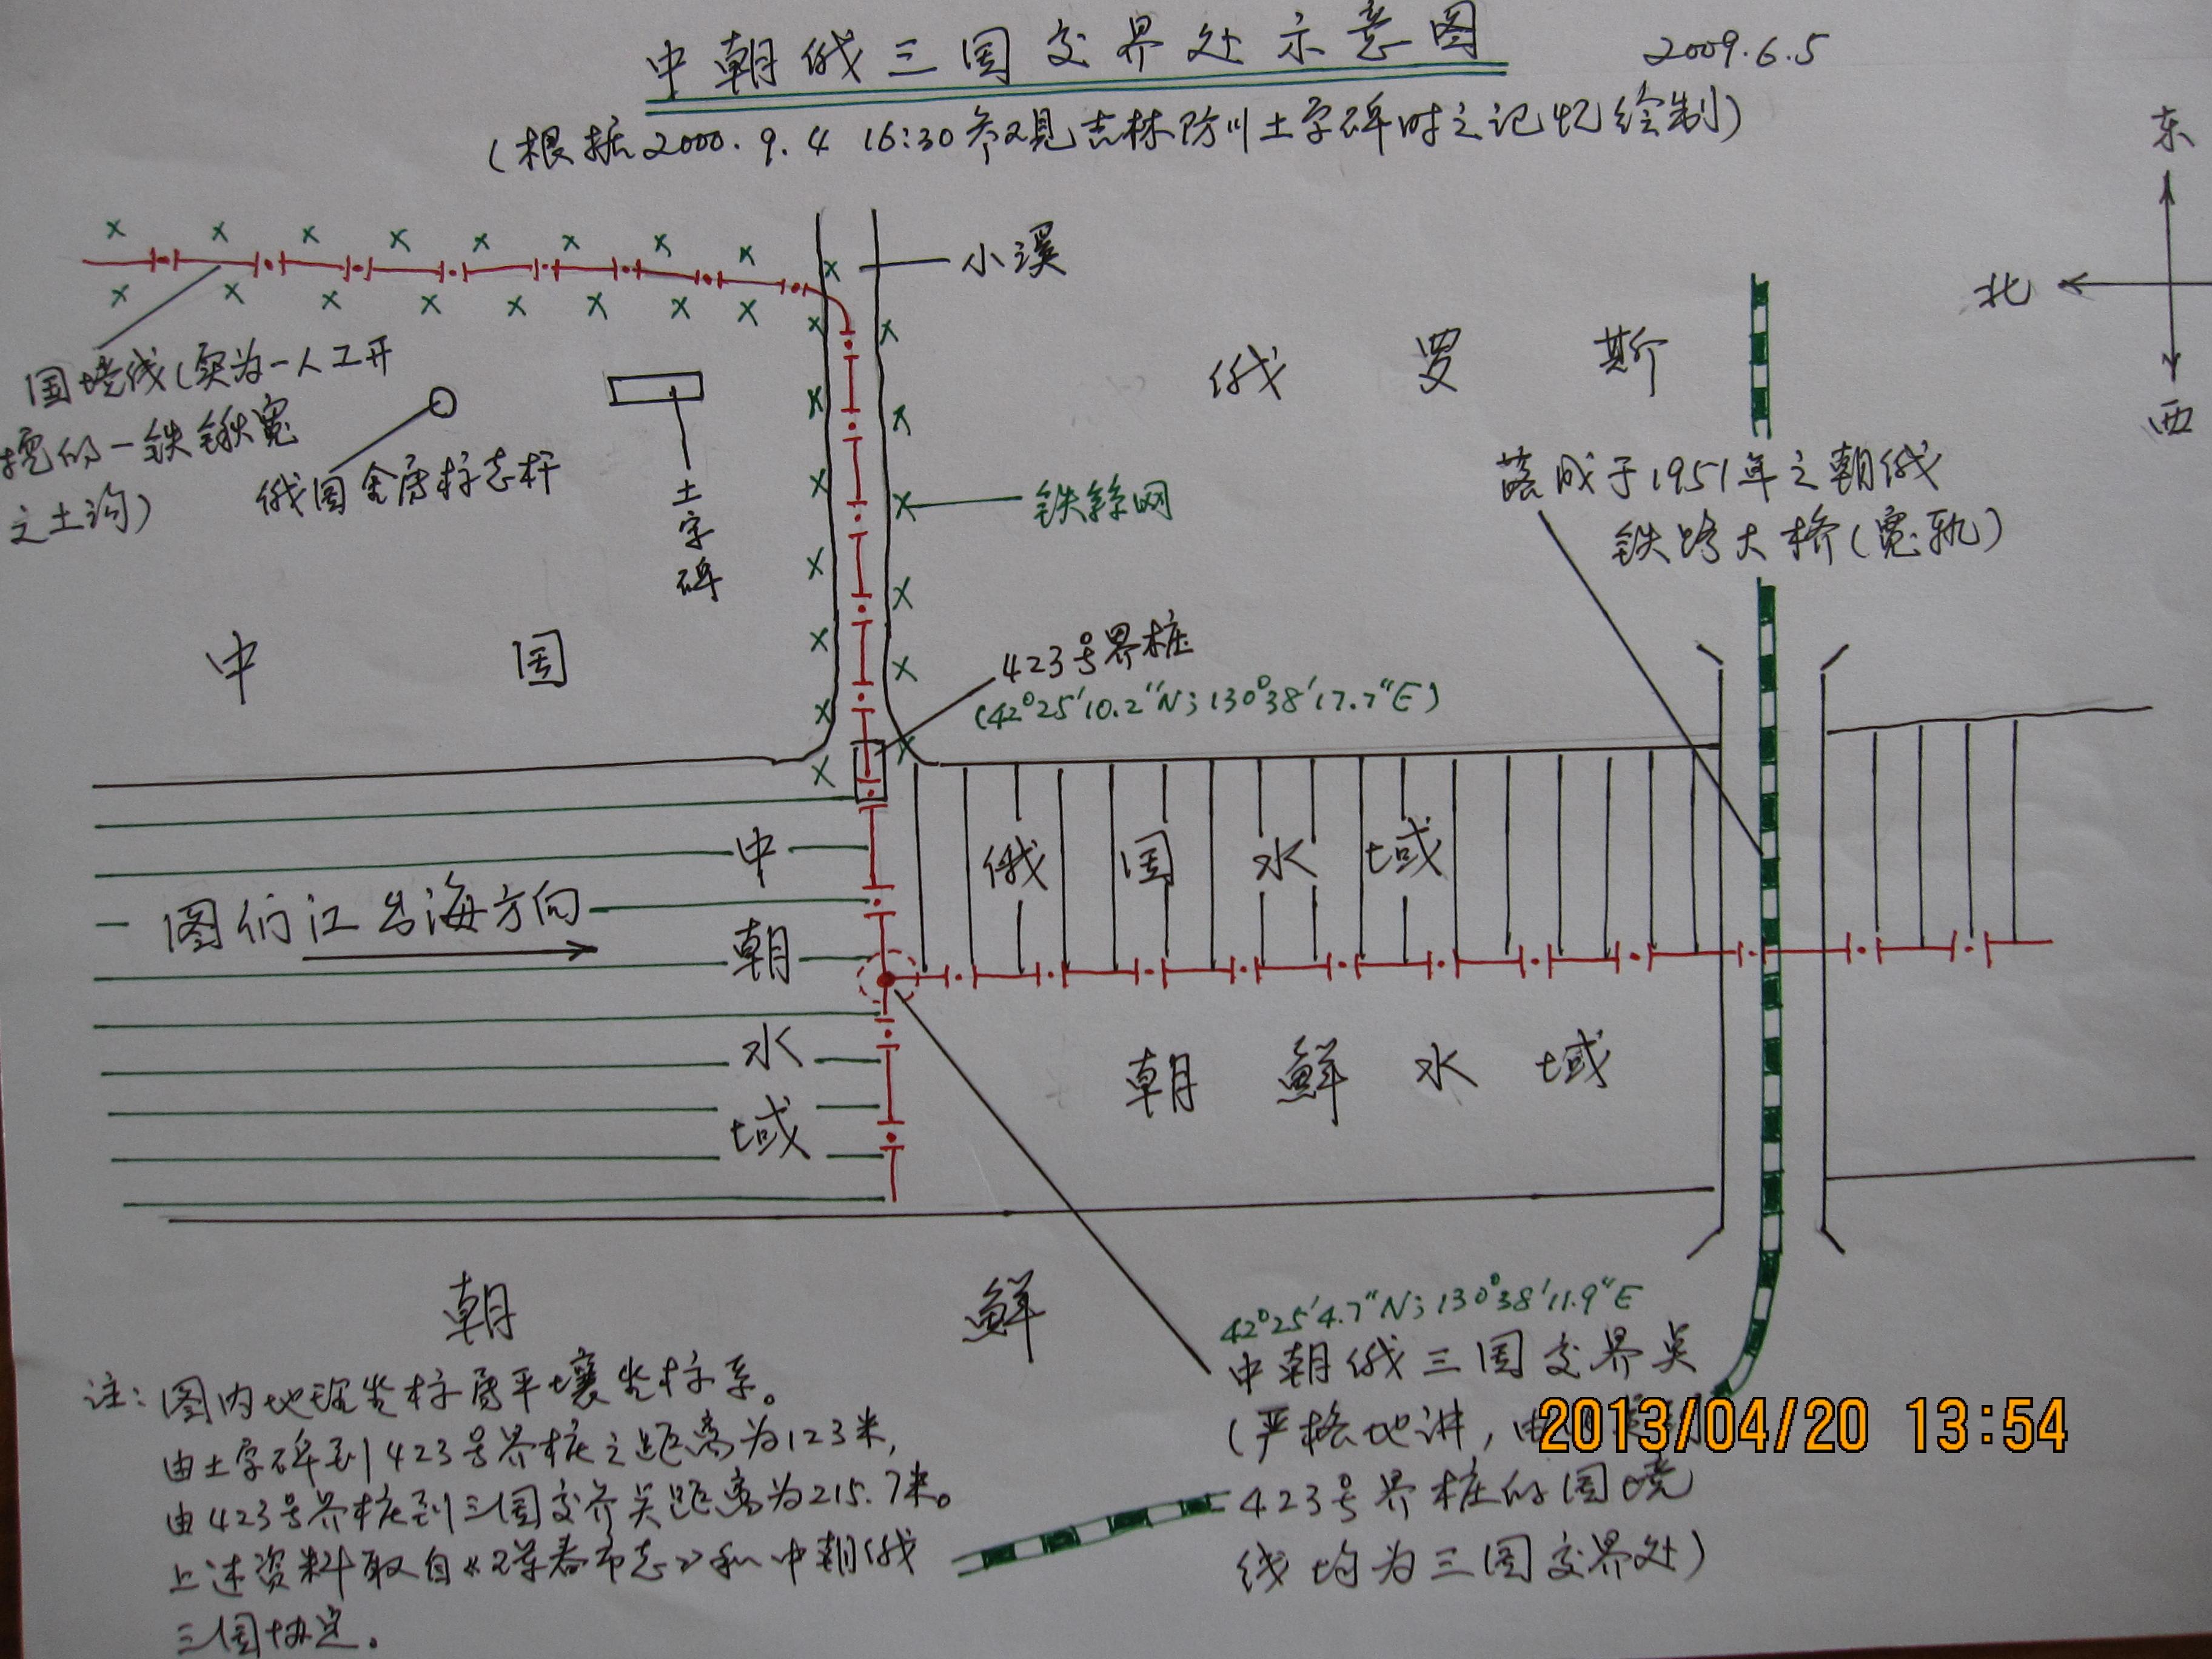 中朝俄三国交界示意图.jpg 高清图片